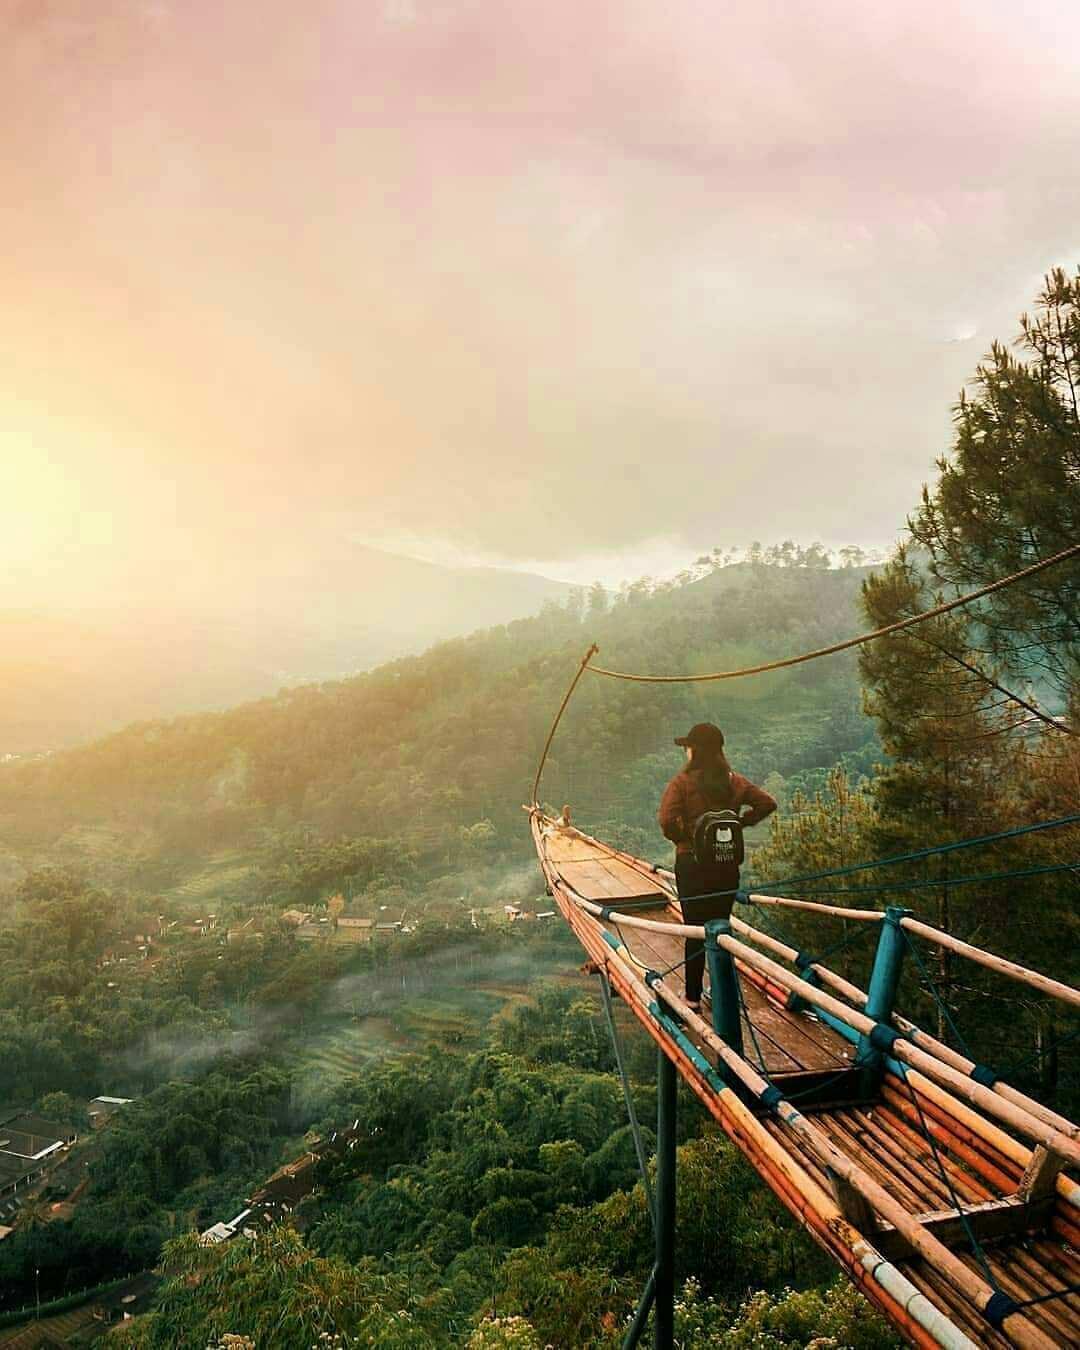 Gardu Pandangan dengan Spot Foto Berupa Perahu Yang Ada di Goa Pinus Pujon Batu, Malang, Image From @sigitdim